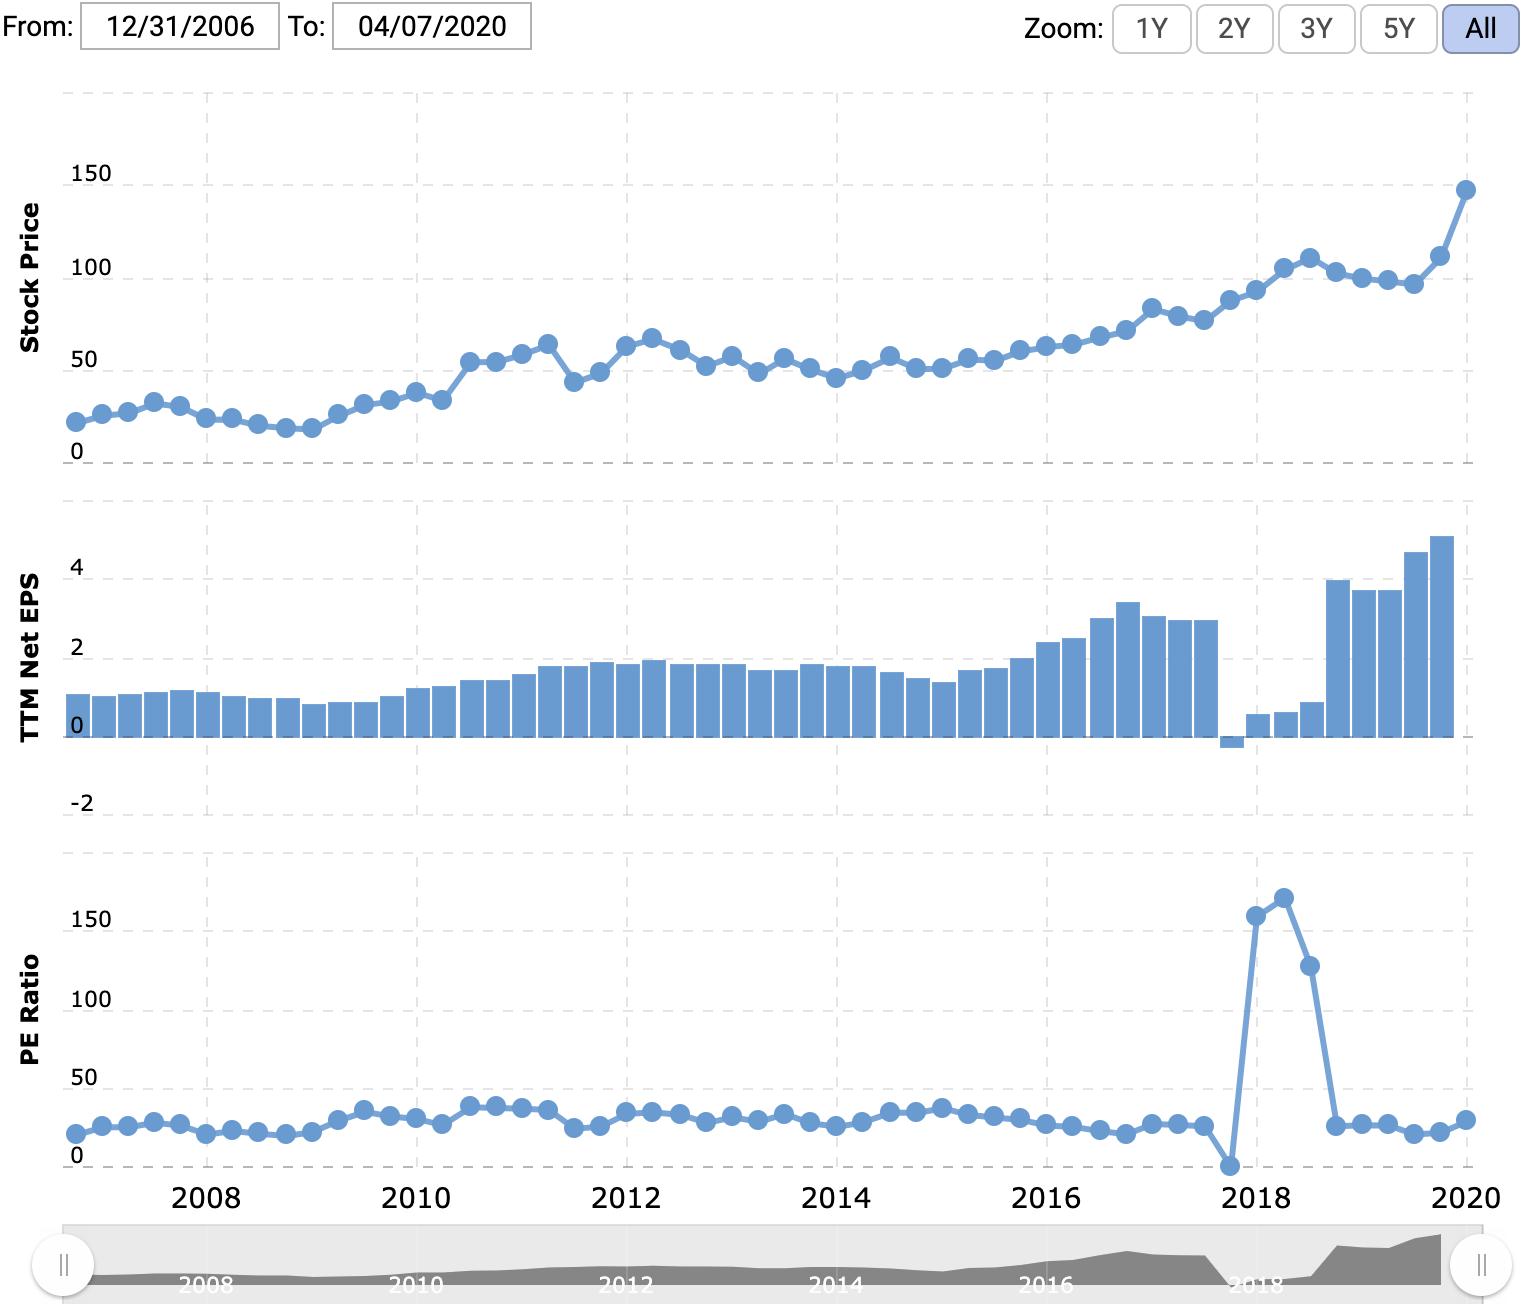 Цена акции и прибыль на акцию в долларах, P / E. Источник: Macrotrends